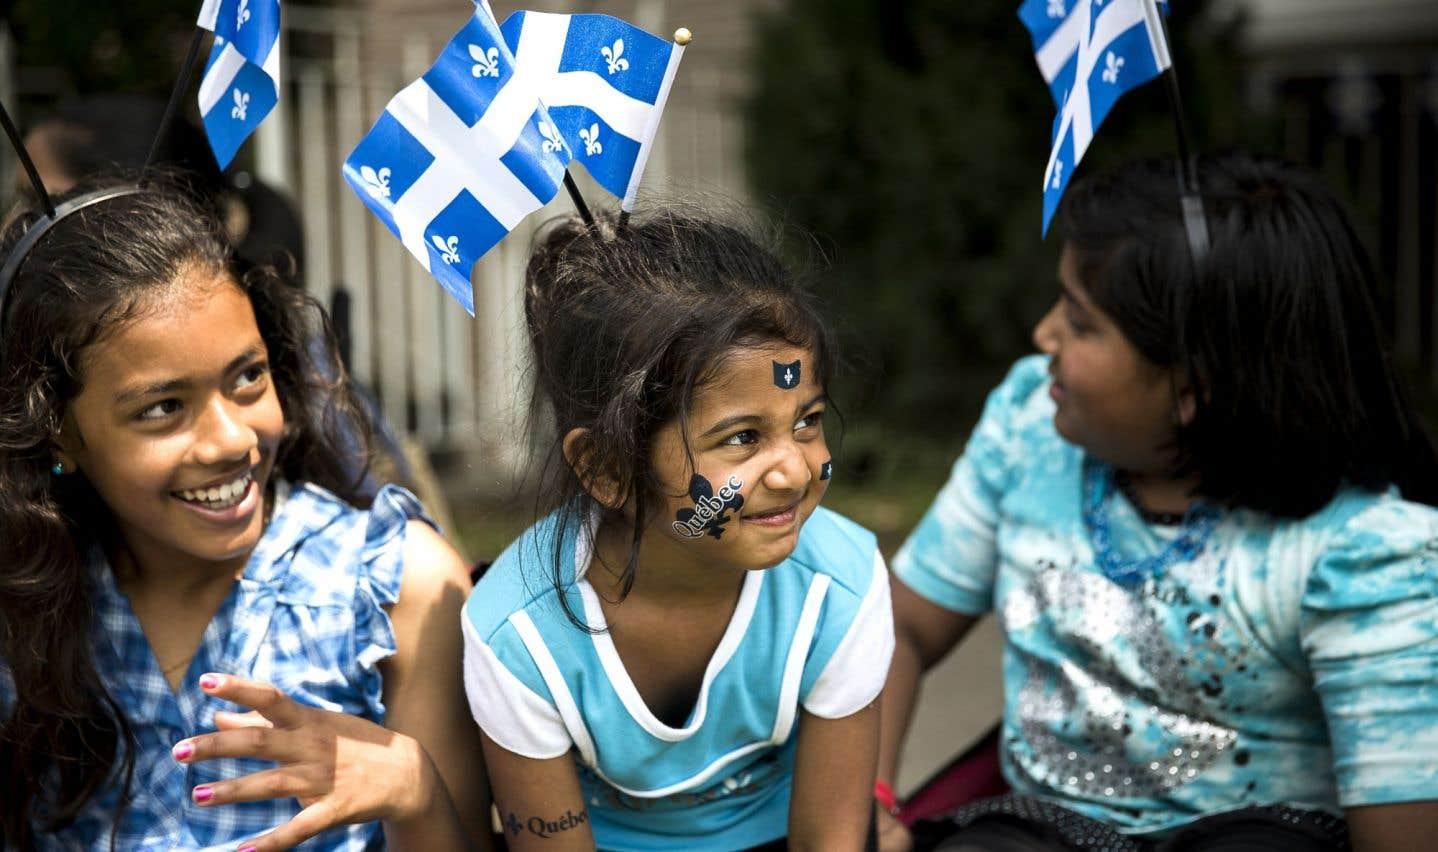 Des experts du monde entier sont attendus au Québec à la fin du mois pour une série de colloques portant sur les différents modèles de fédéralisme.